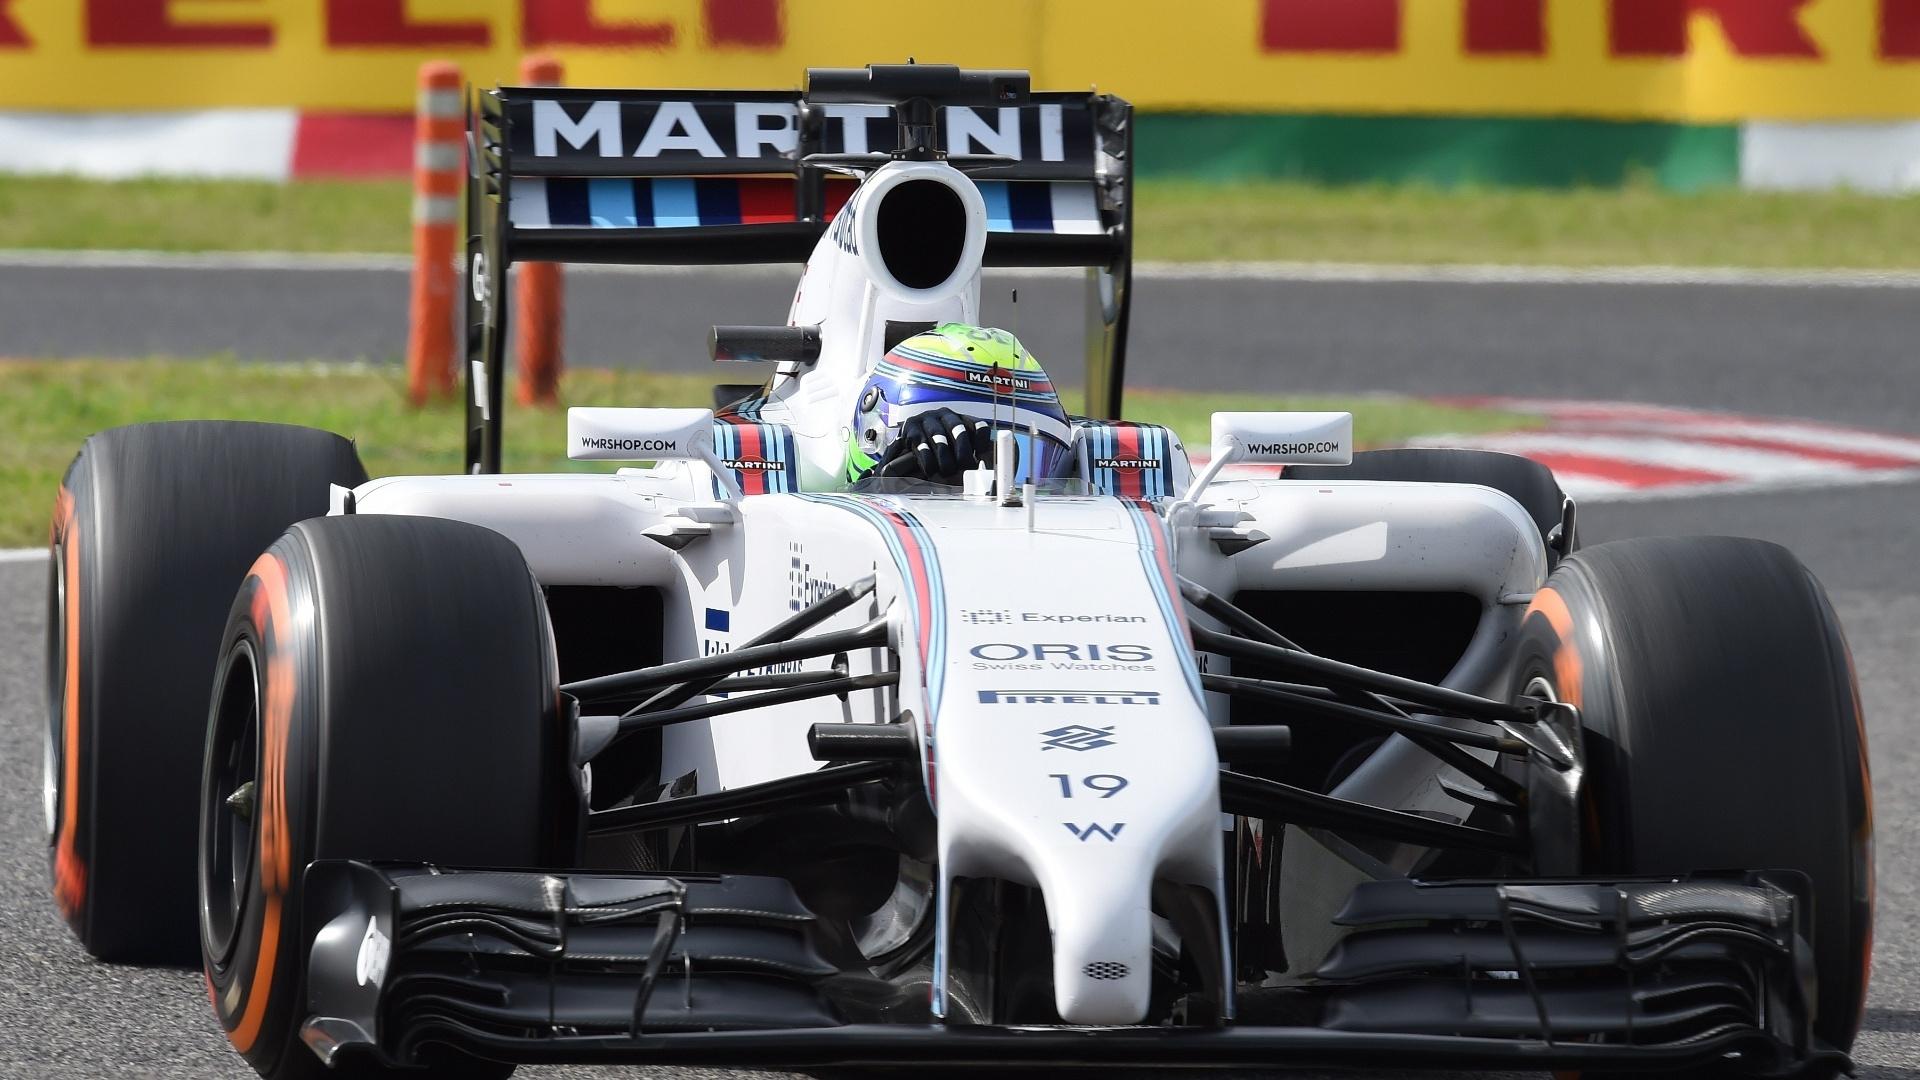 04.out.2014 - Felipe Massa conquista a quarta colocação do grid do GP do Japão